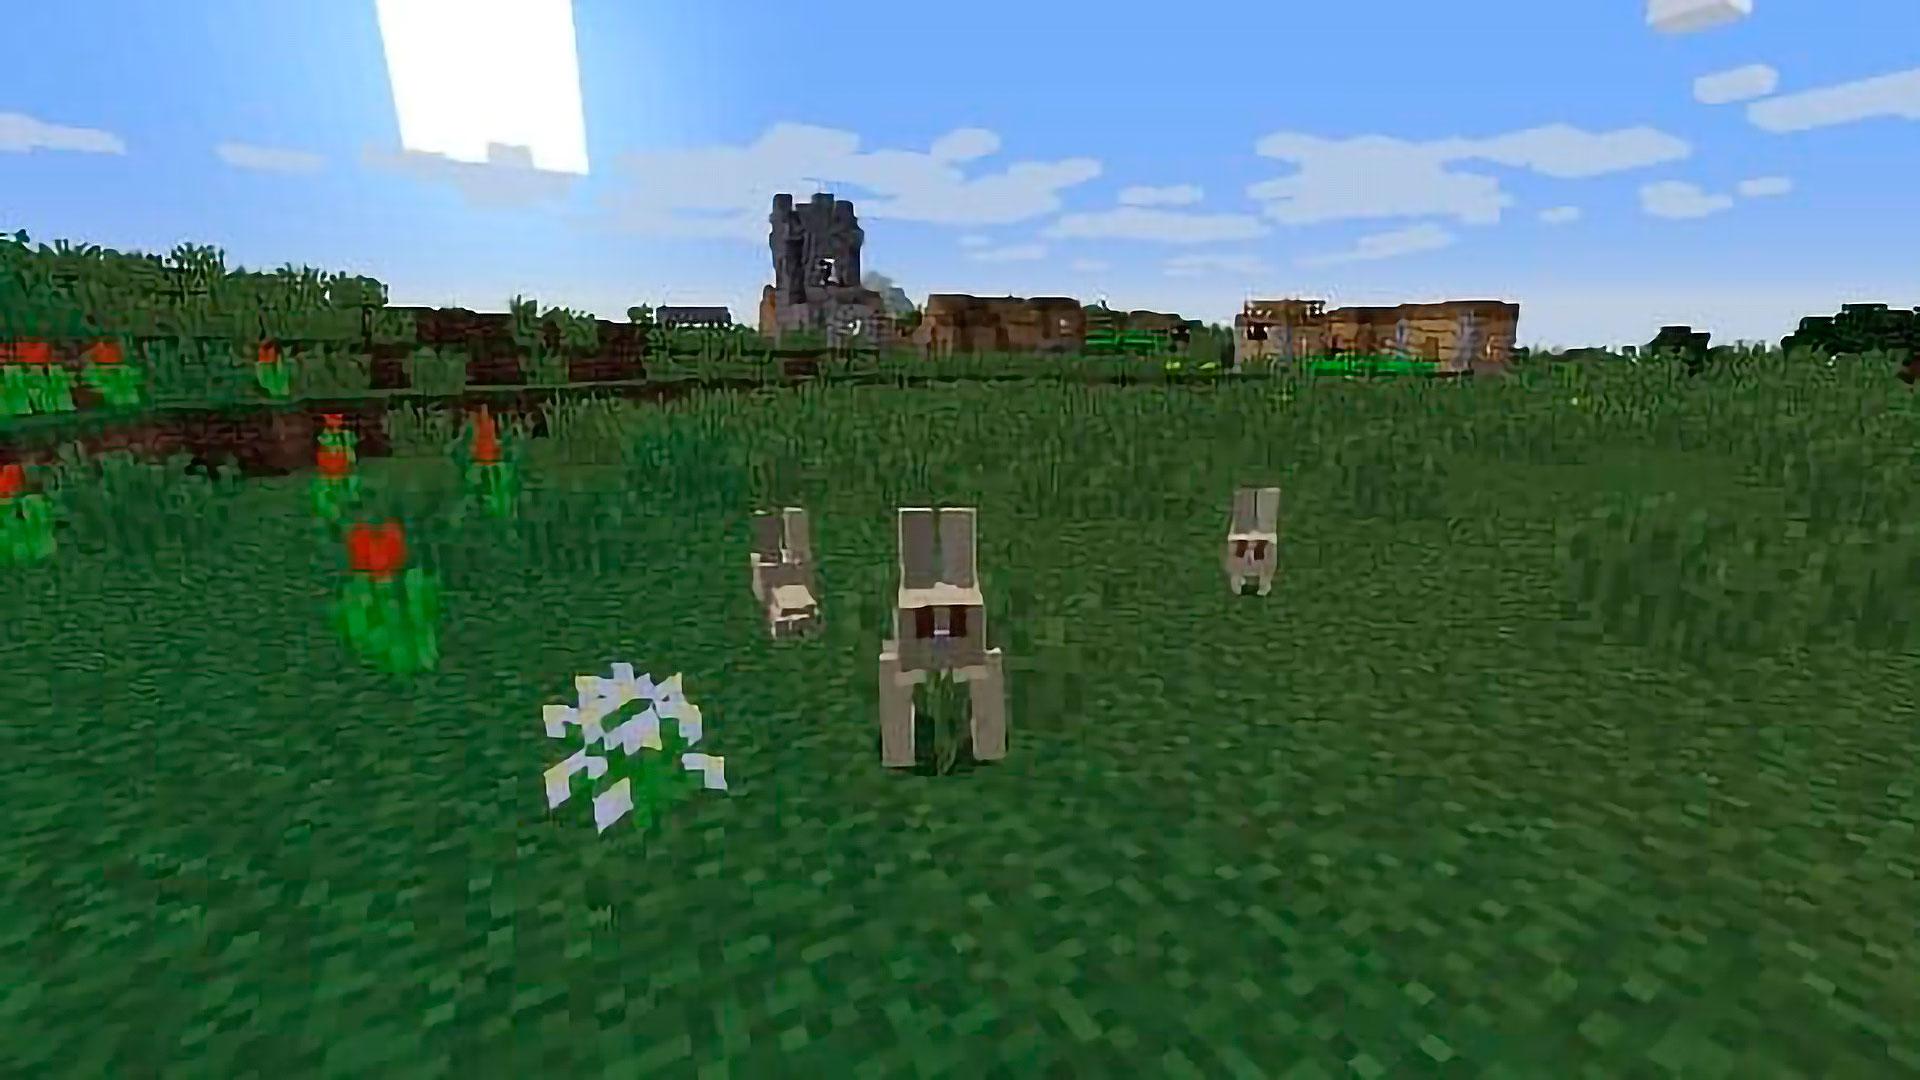 Minecraft underwater redstone house download | Redstone